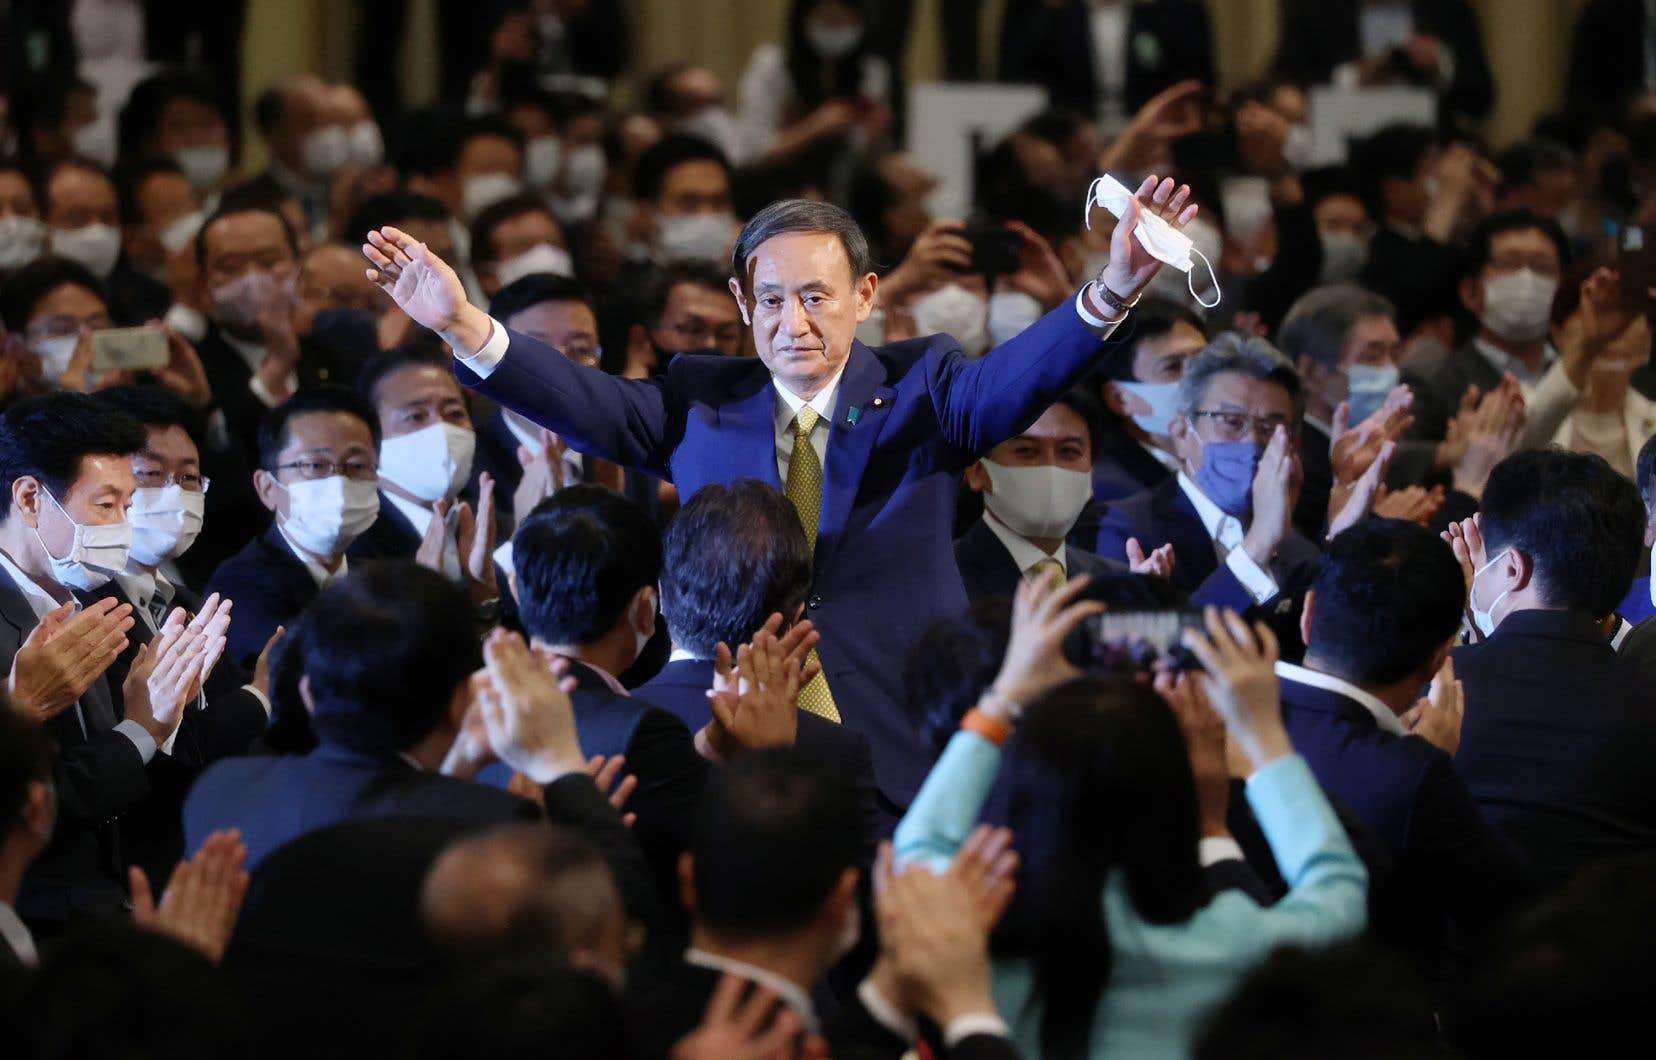 YoshihideSuga, secrétaire général et porte-parole du gouvernement, est devenu lundi chef du Parti libéral-démocrate, le parti conservateur actuellement au pouvoir au Japon.